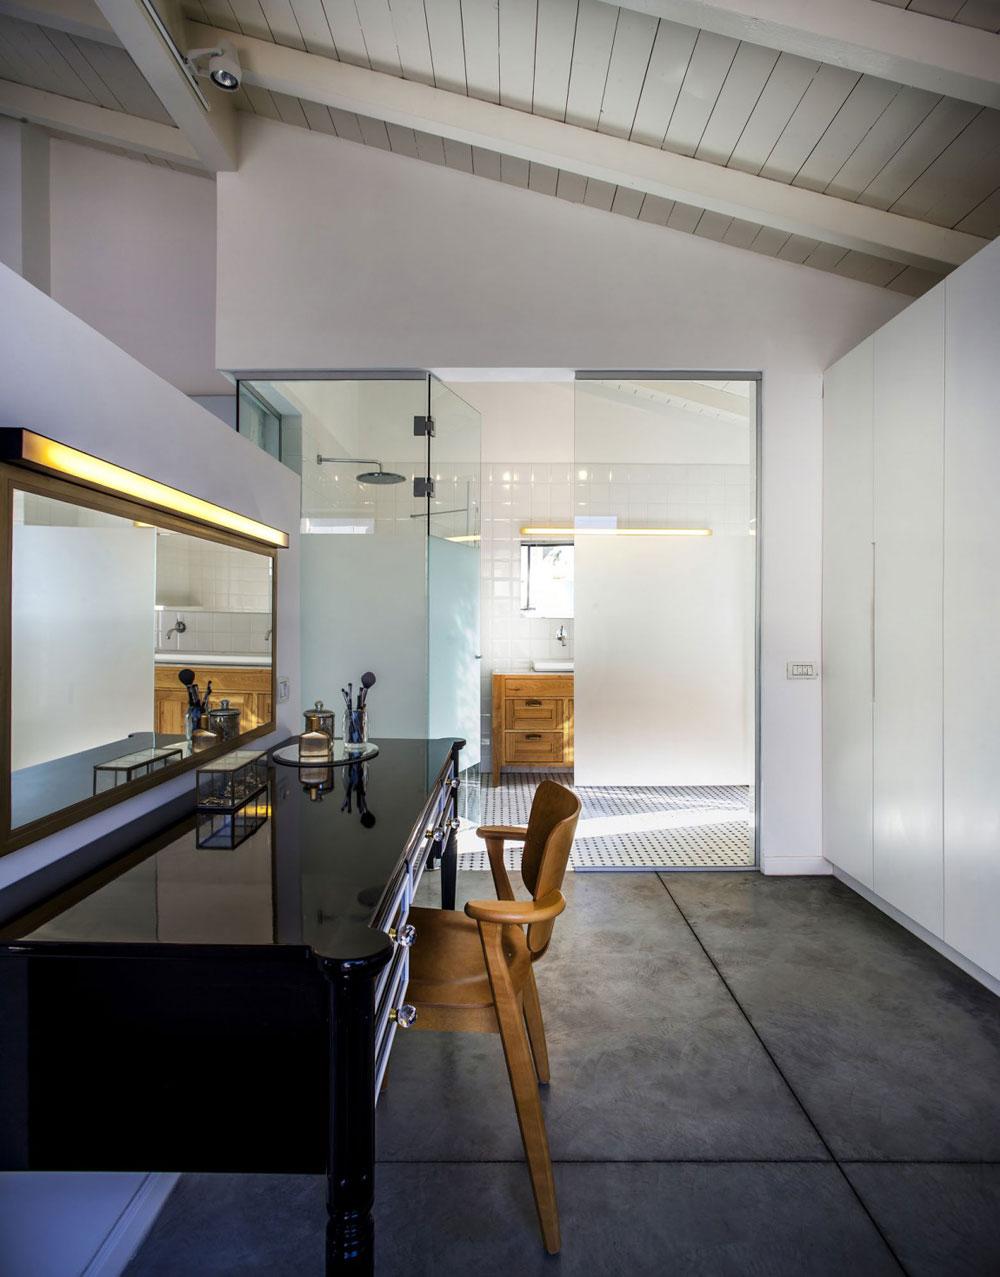 Uppnåeliga-hem-renovering-idéer-att-försöka-1 uppnåbara-hem-renovering-idéer att prova